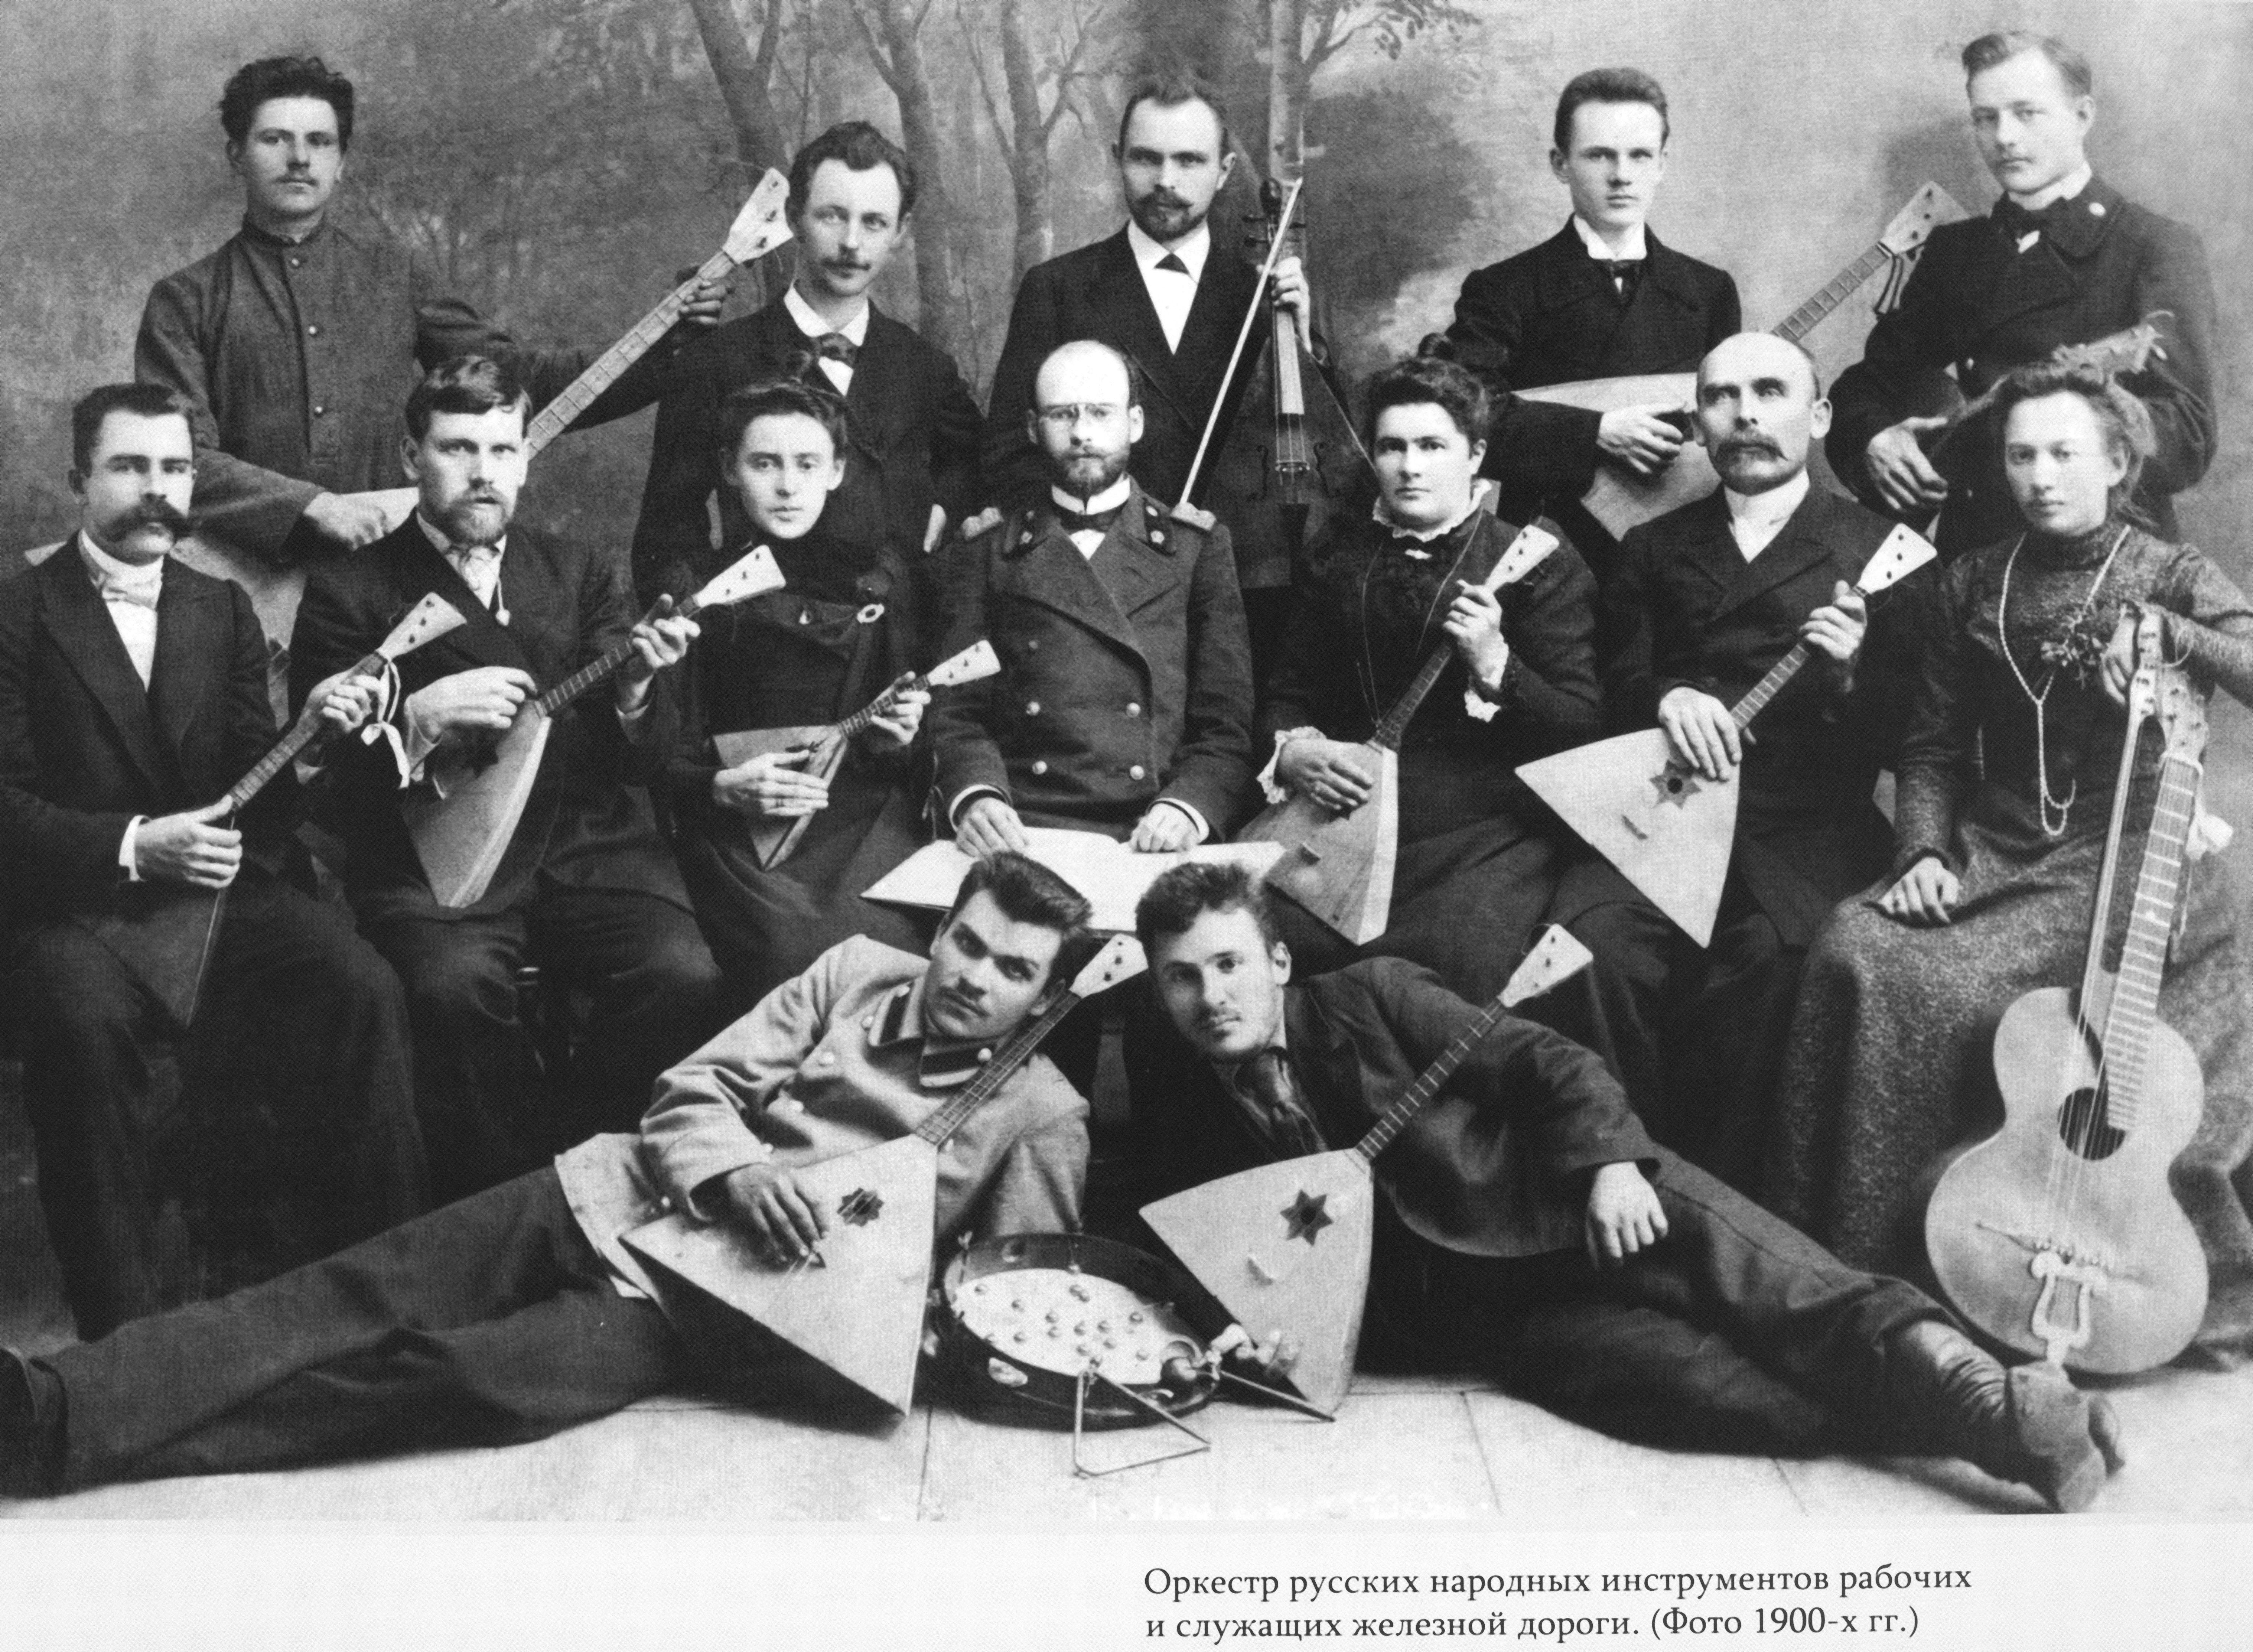 Оркестр русских народных инструментов железной дороги, 1900-е годы